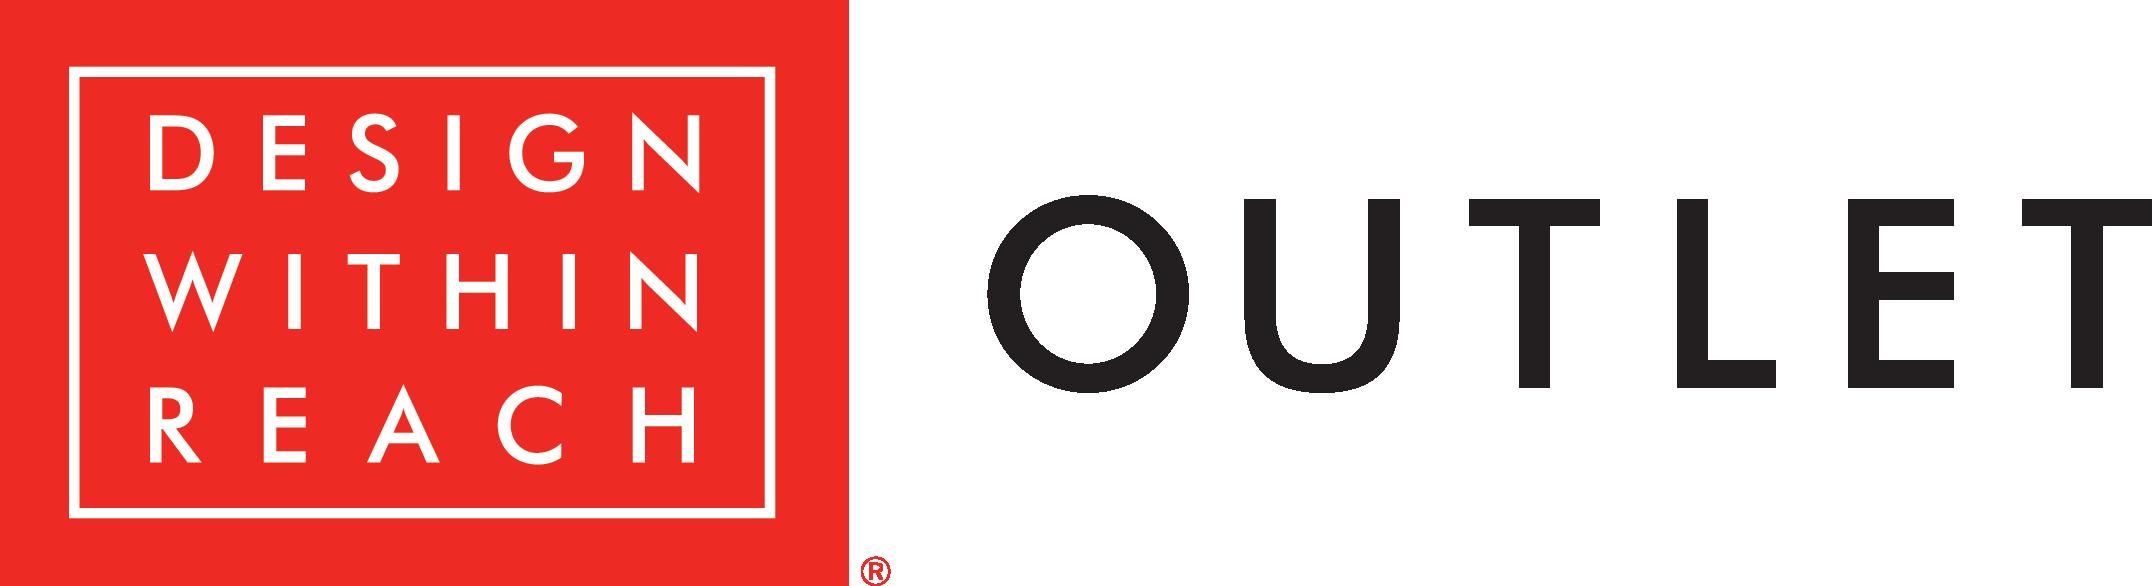 DWR-Outlet_Logo-4c.png